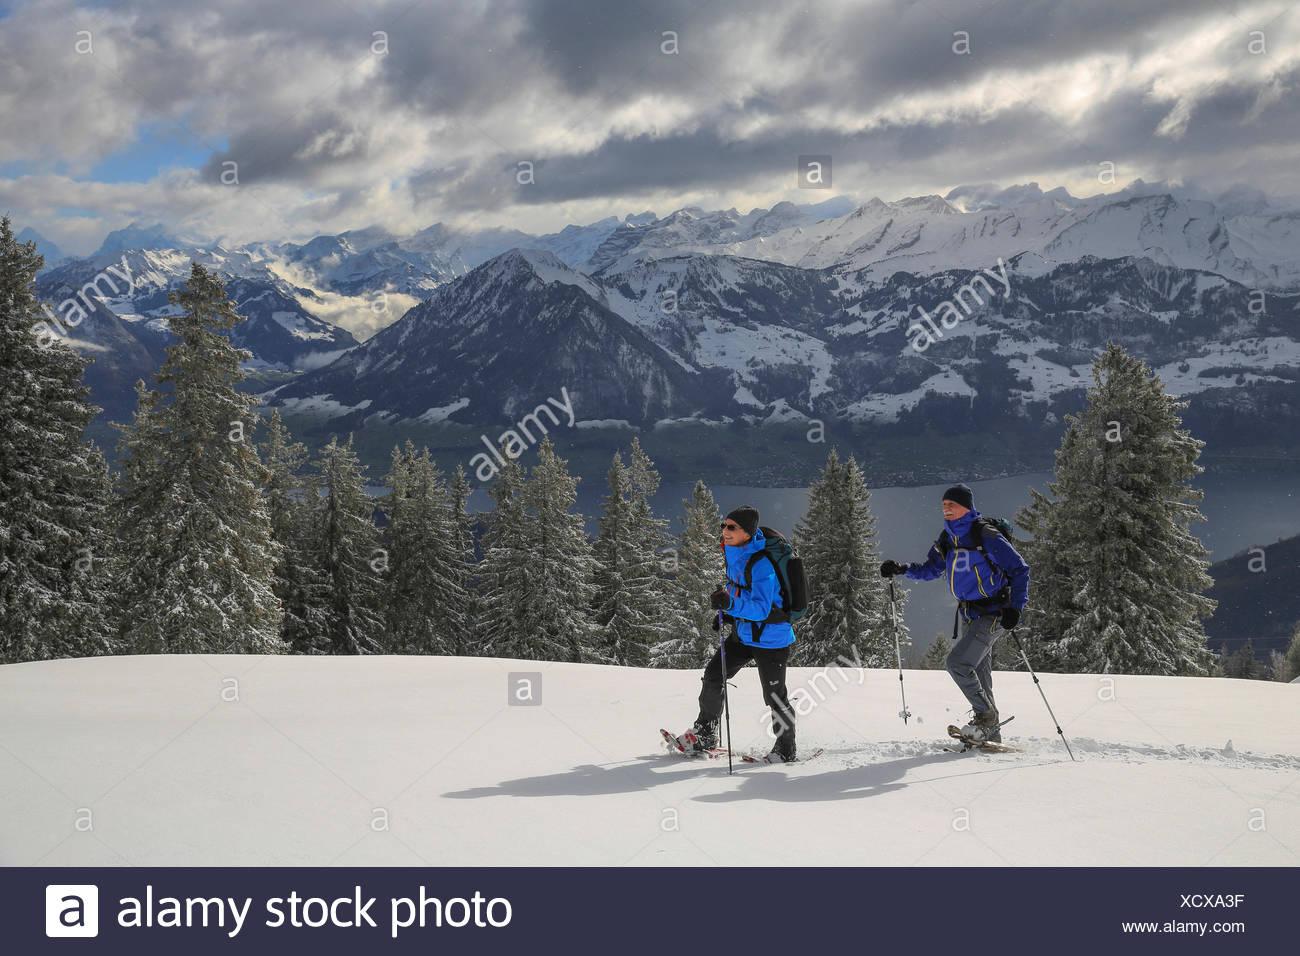 Patín funcionando nevados, Rigi, la montaña, las montañas, los inviernos, los deportes de invierno, cantón, LU, Lucerna, cantón, SZ, Schwyz, central Switzerl Imagen De Stock